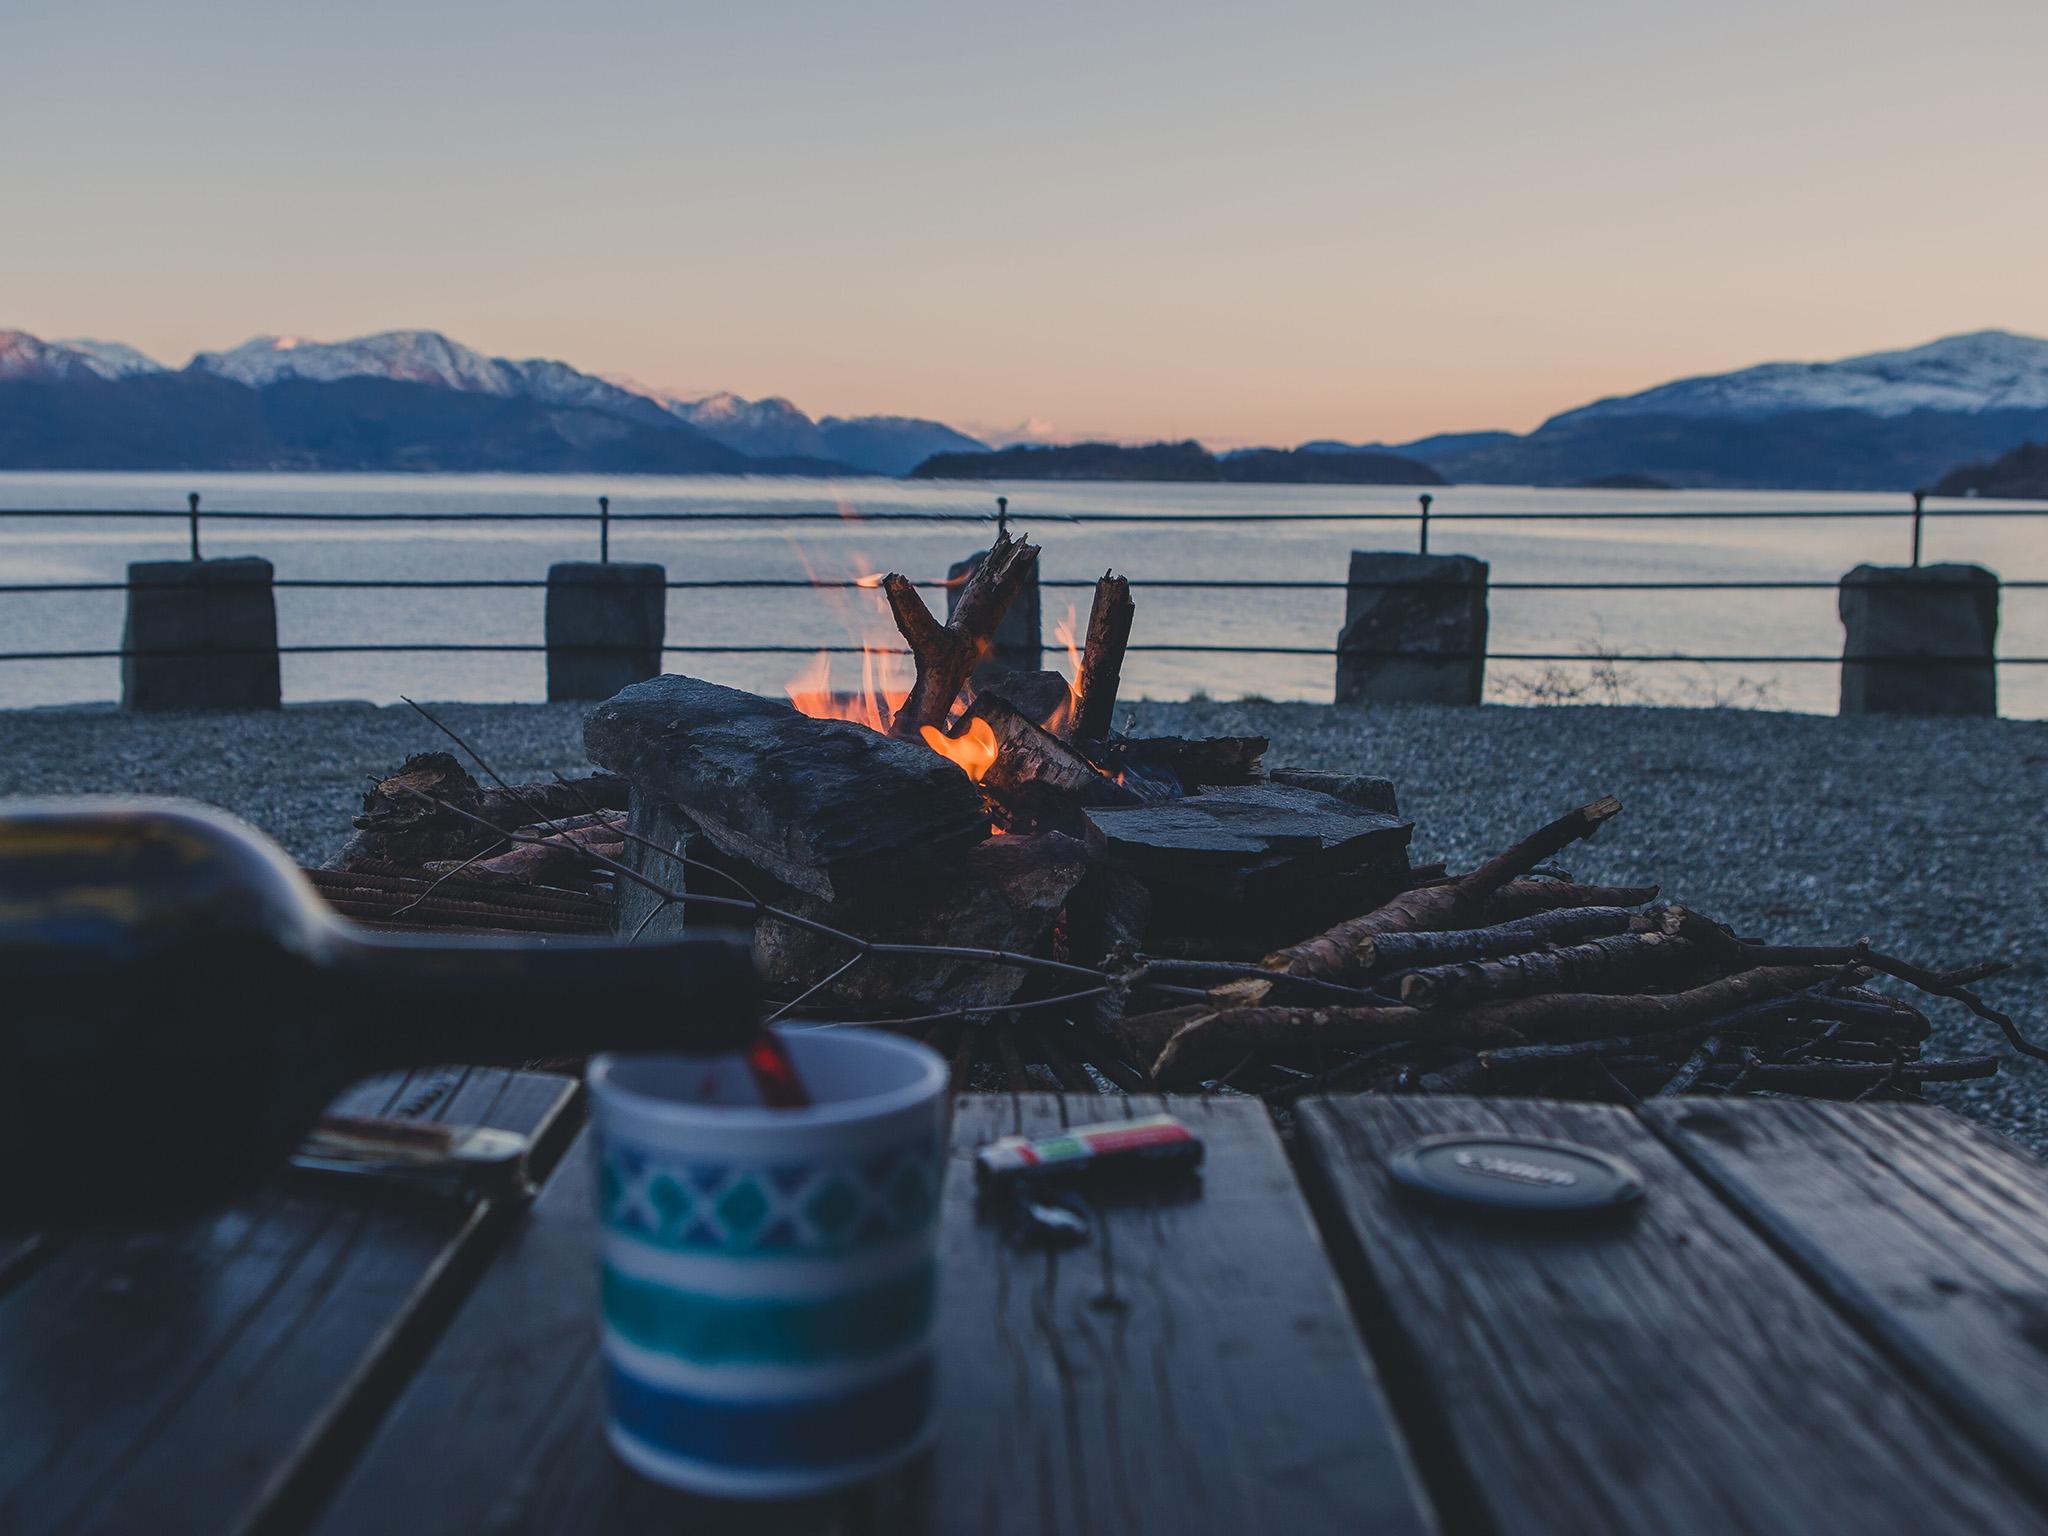 Lagerfeuer in Norwegen. Foto: Hupp Photography.